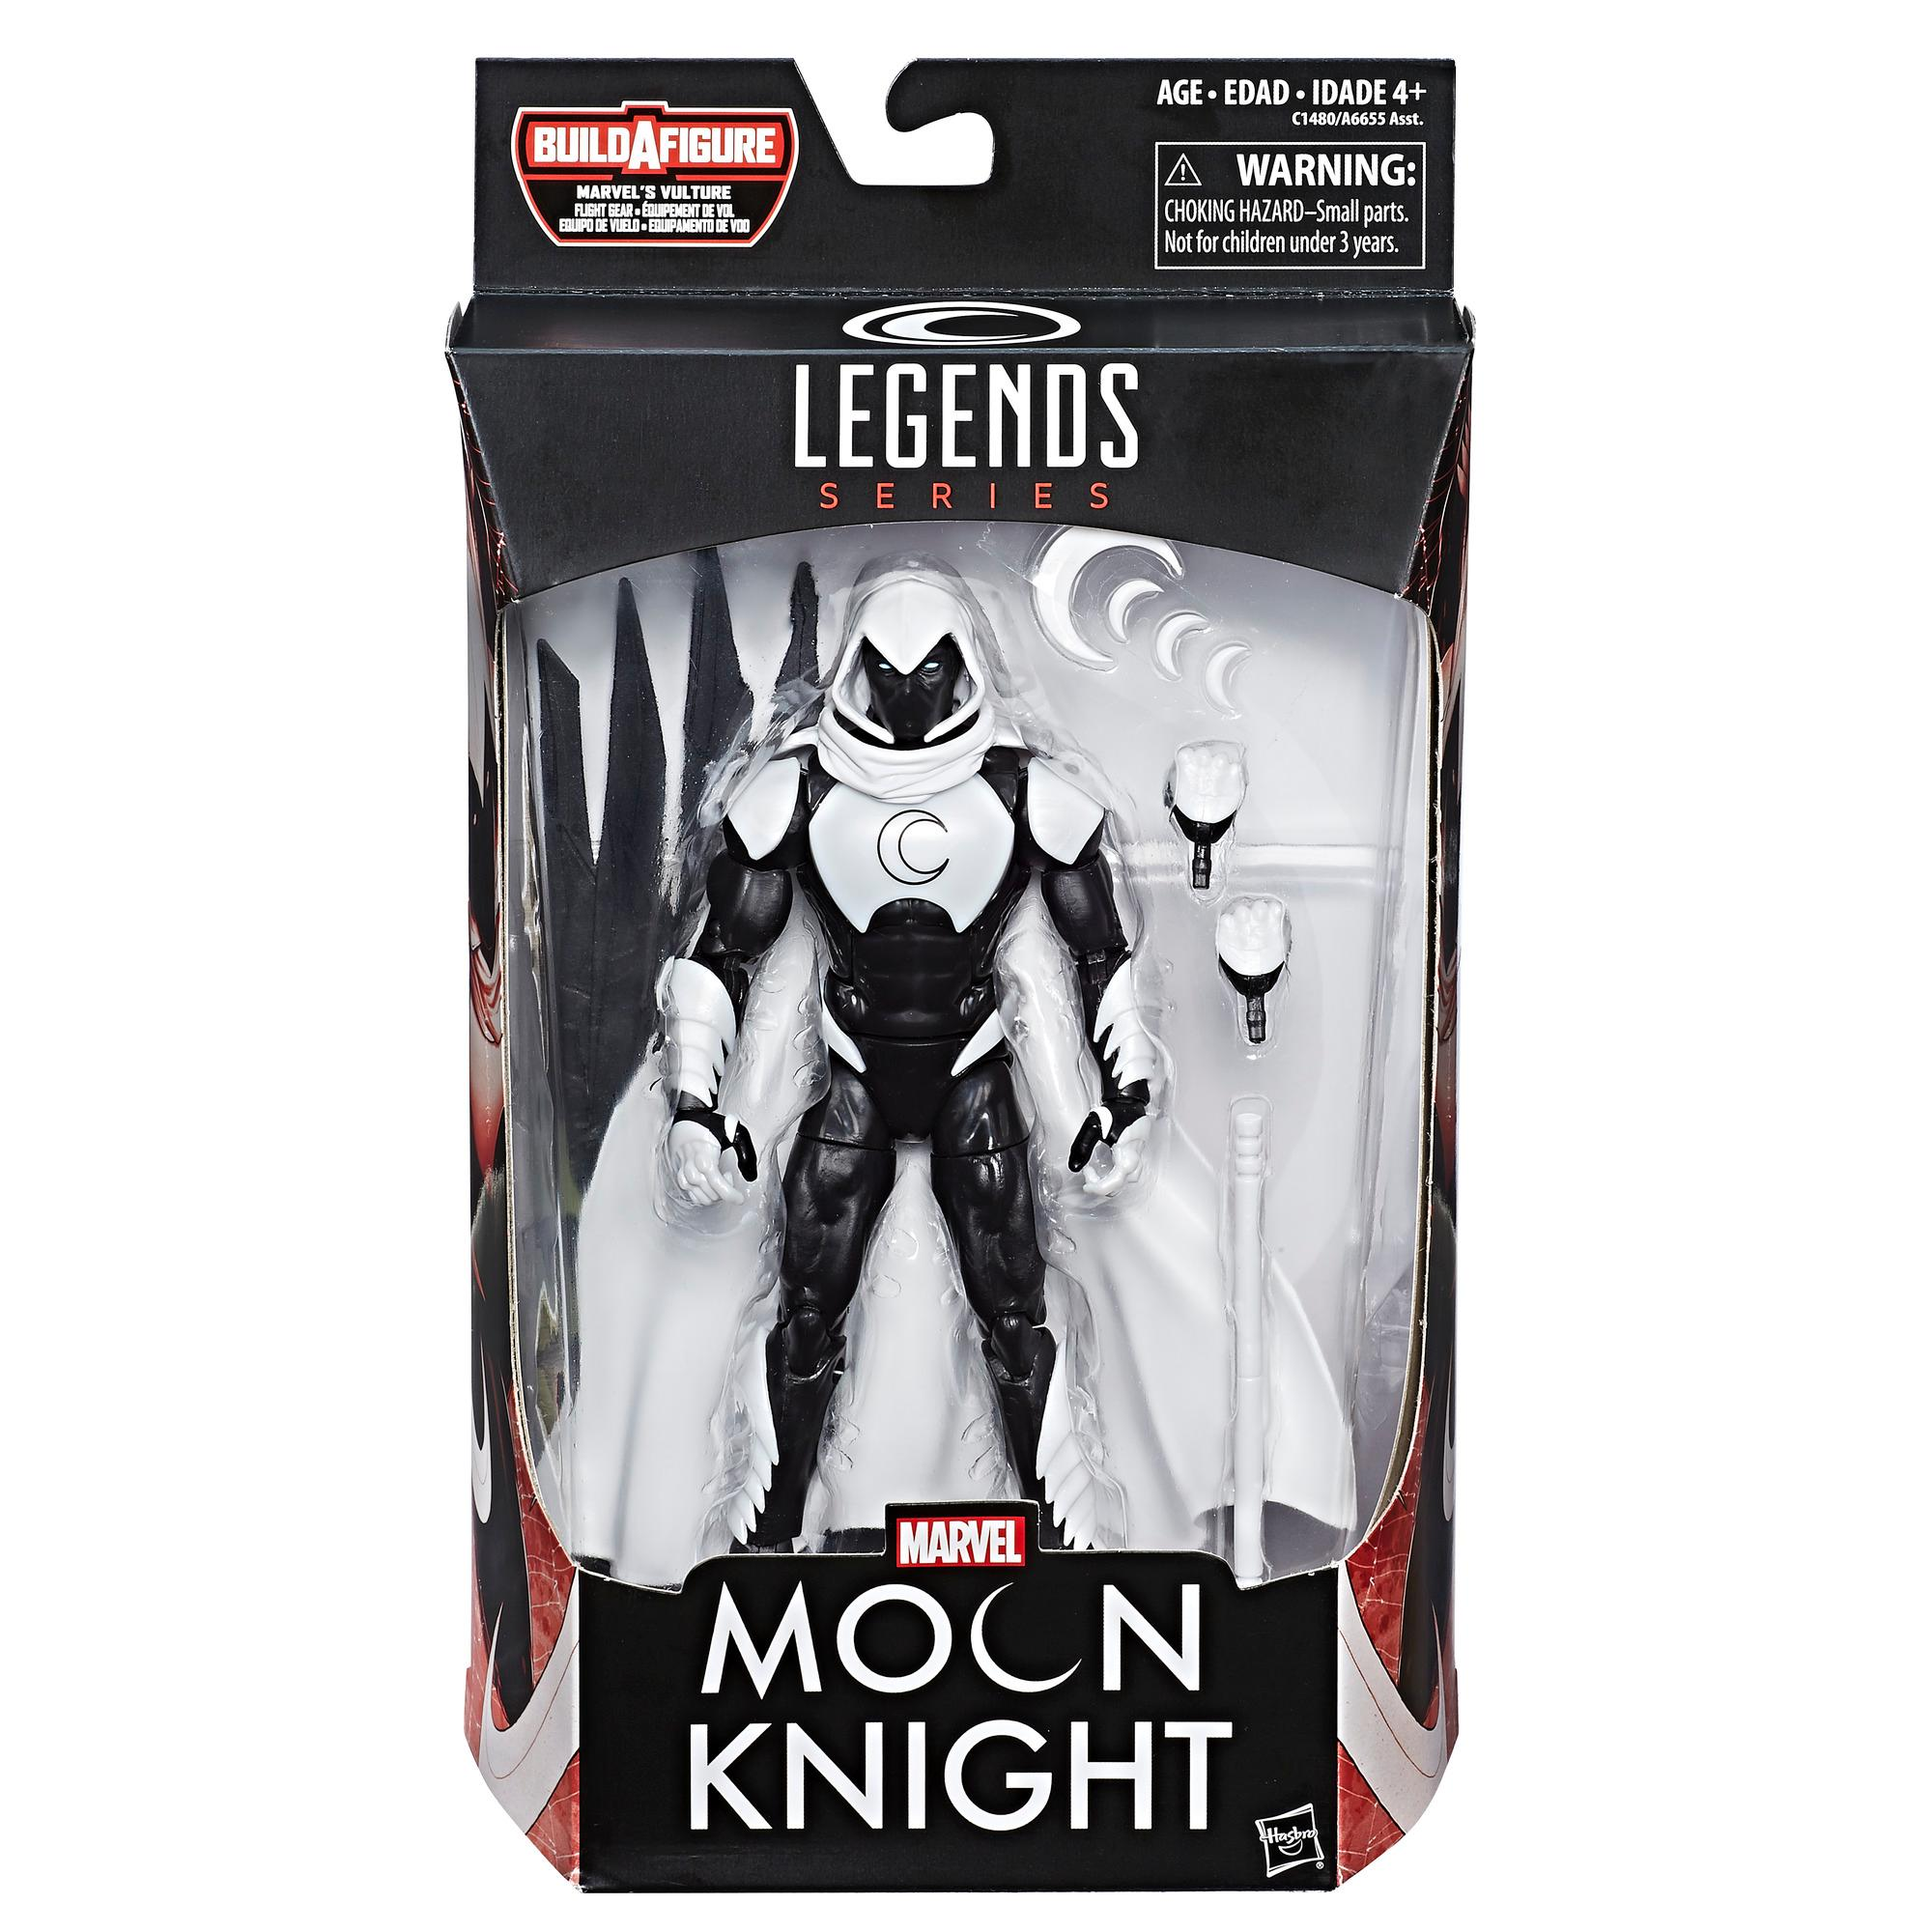 Marvel Spider-Man 15cm Legends Series Marvel's Moon Knight